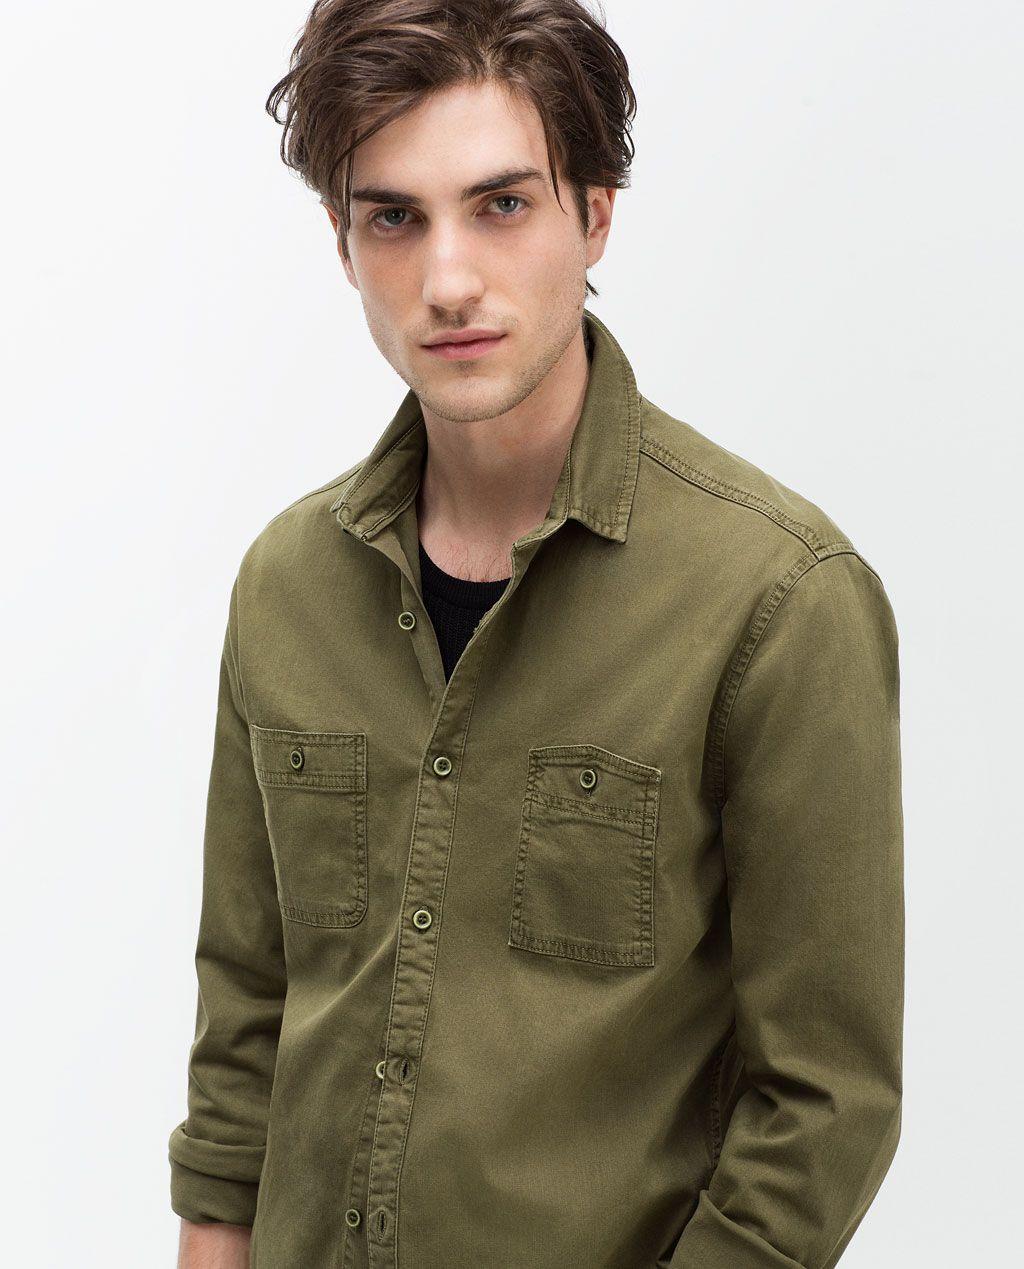 50% rebajado amplia selección de colores y diseños descuento más bajo Image 1 of from Zara | style | Cotton shirts for men, Mens ...